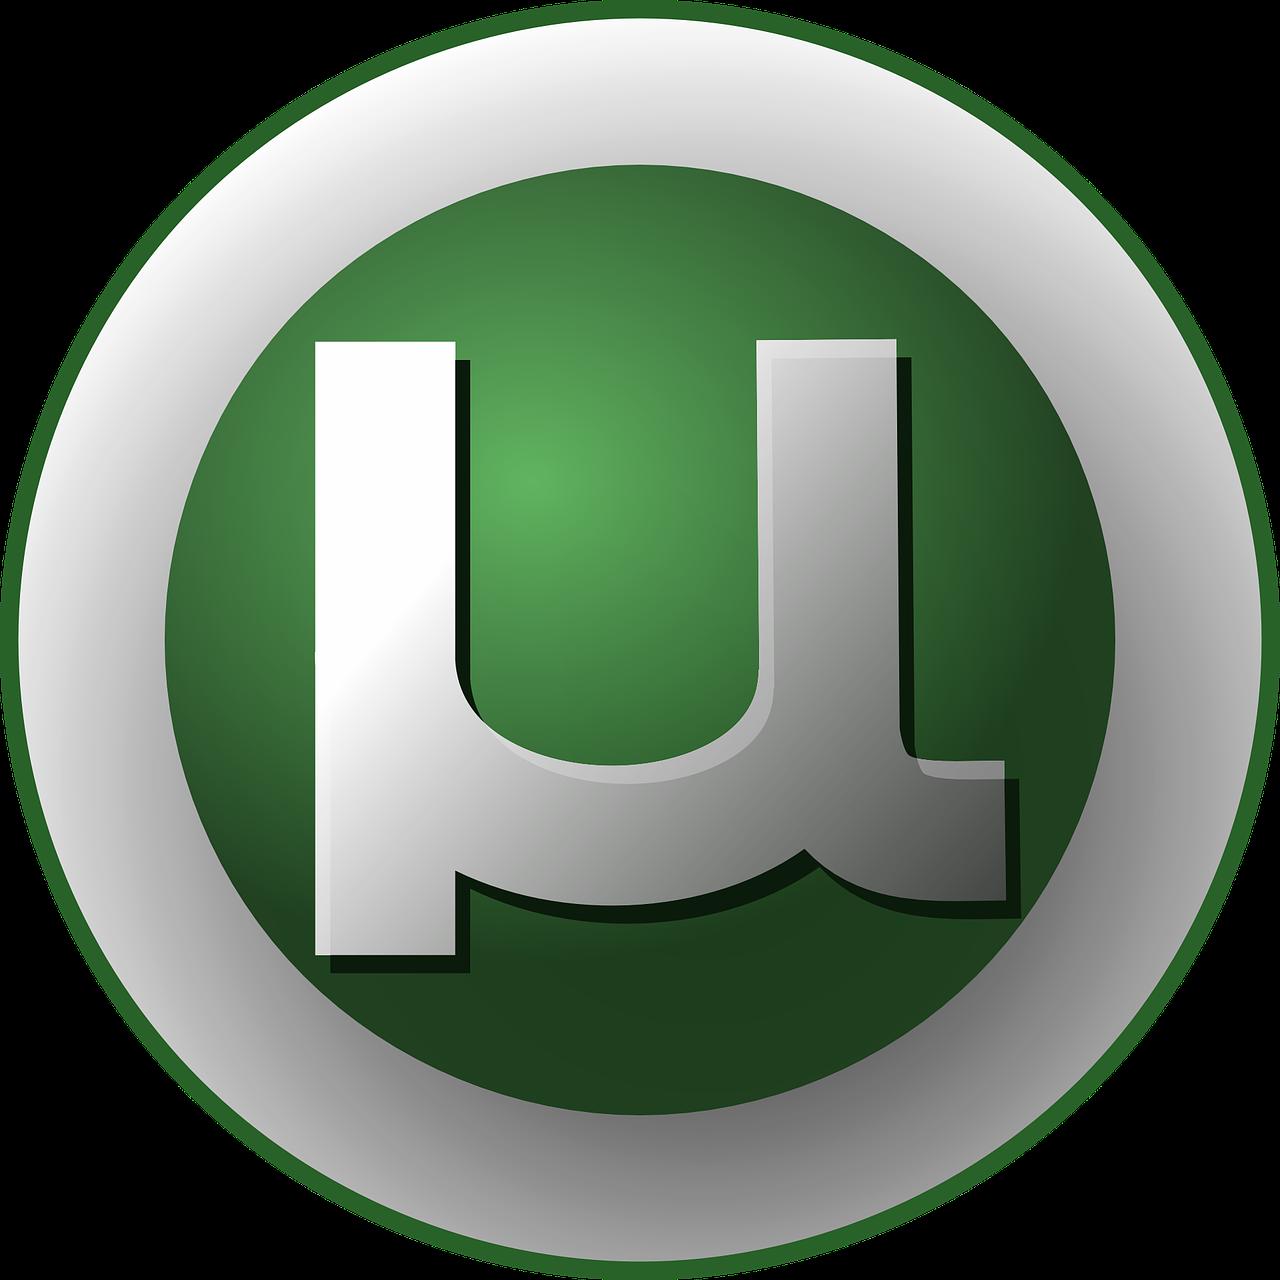 скачать в картинках utorrent